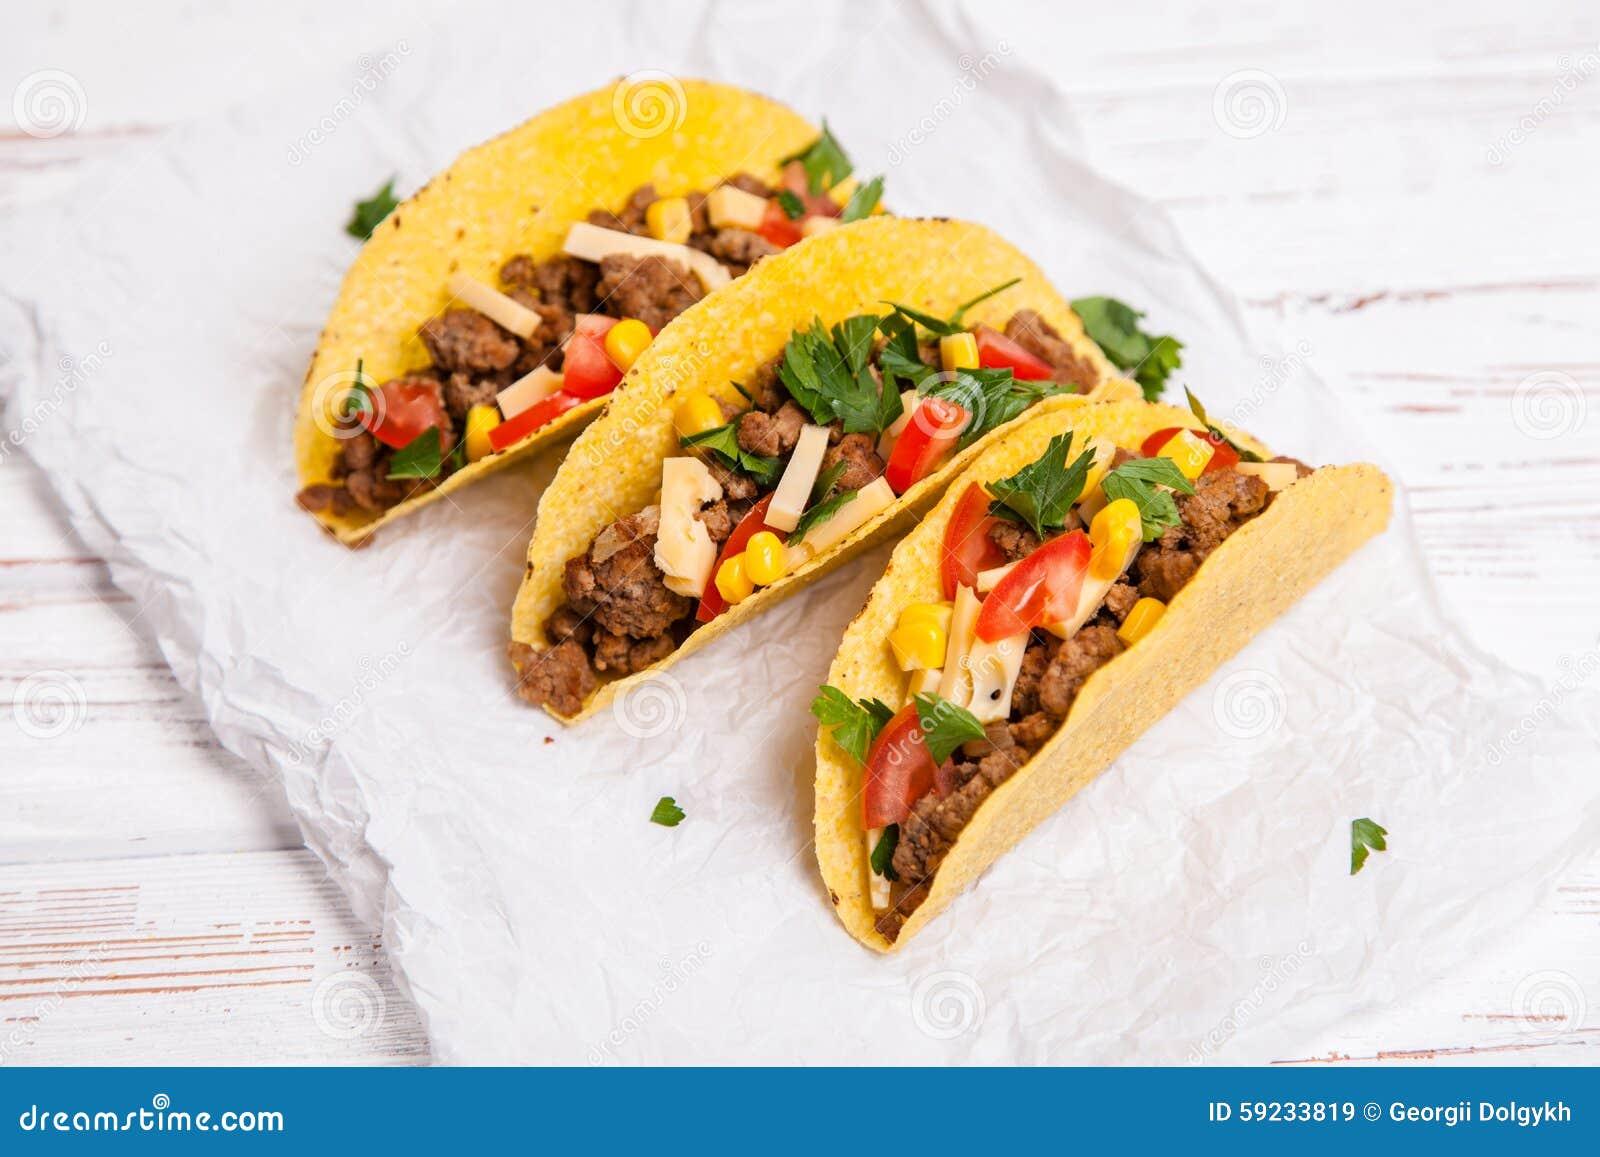 Tacos delicioso